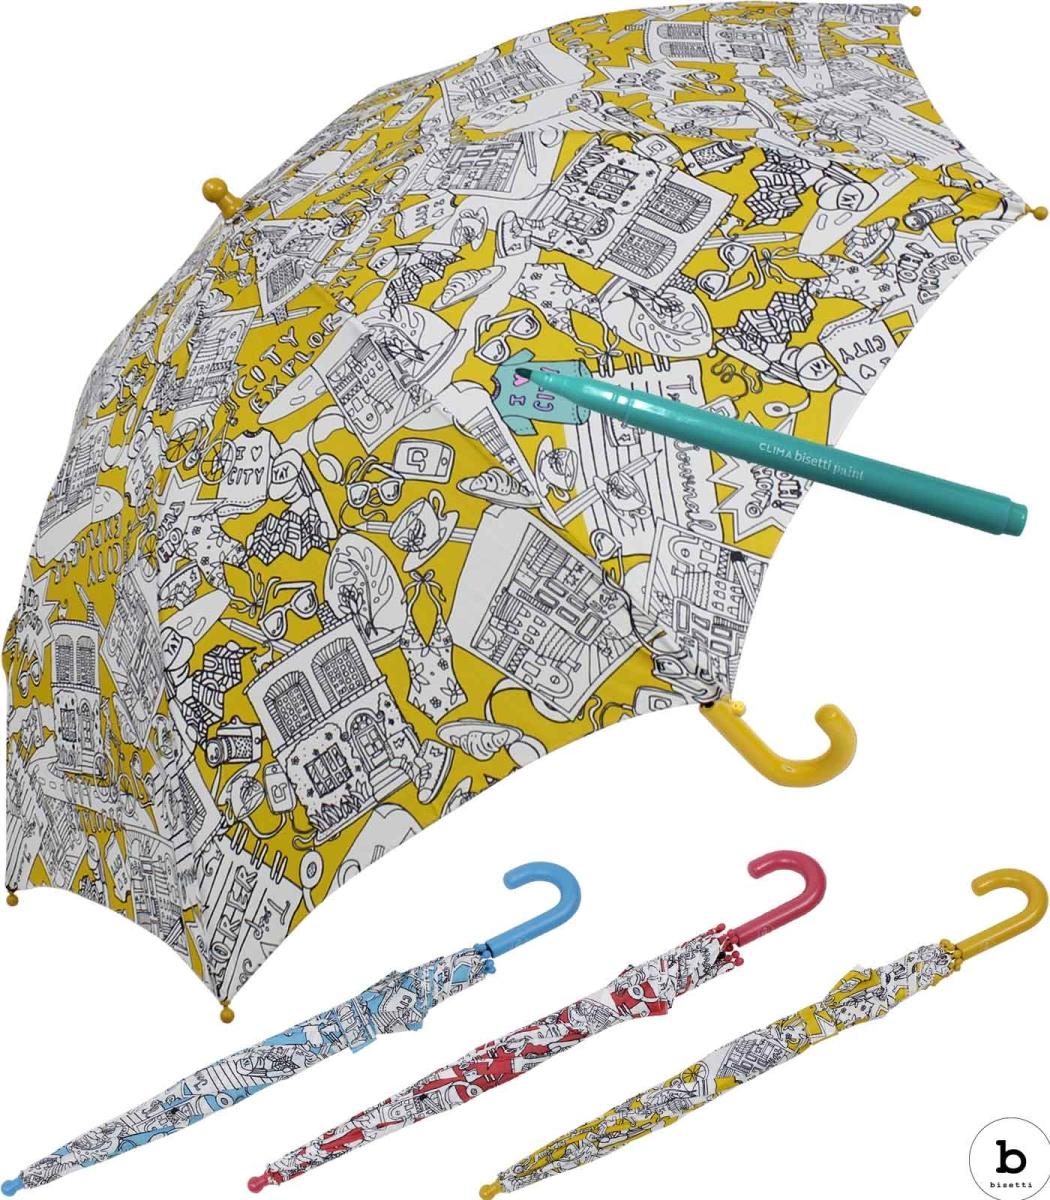 31 regenschirm zum ausmalen  besten bilder von ausmalbilder